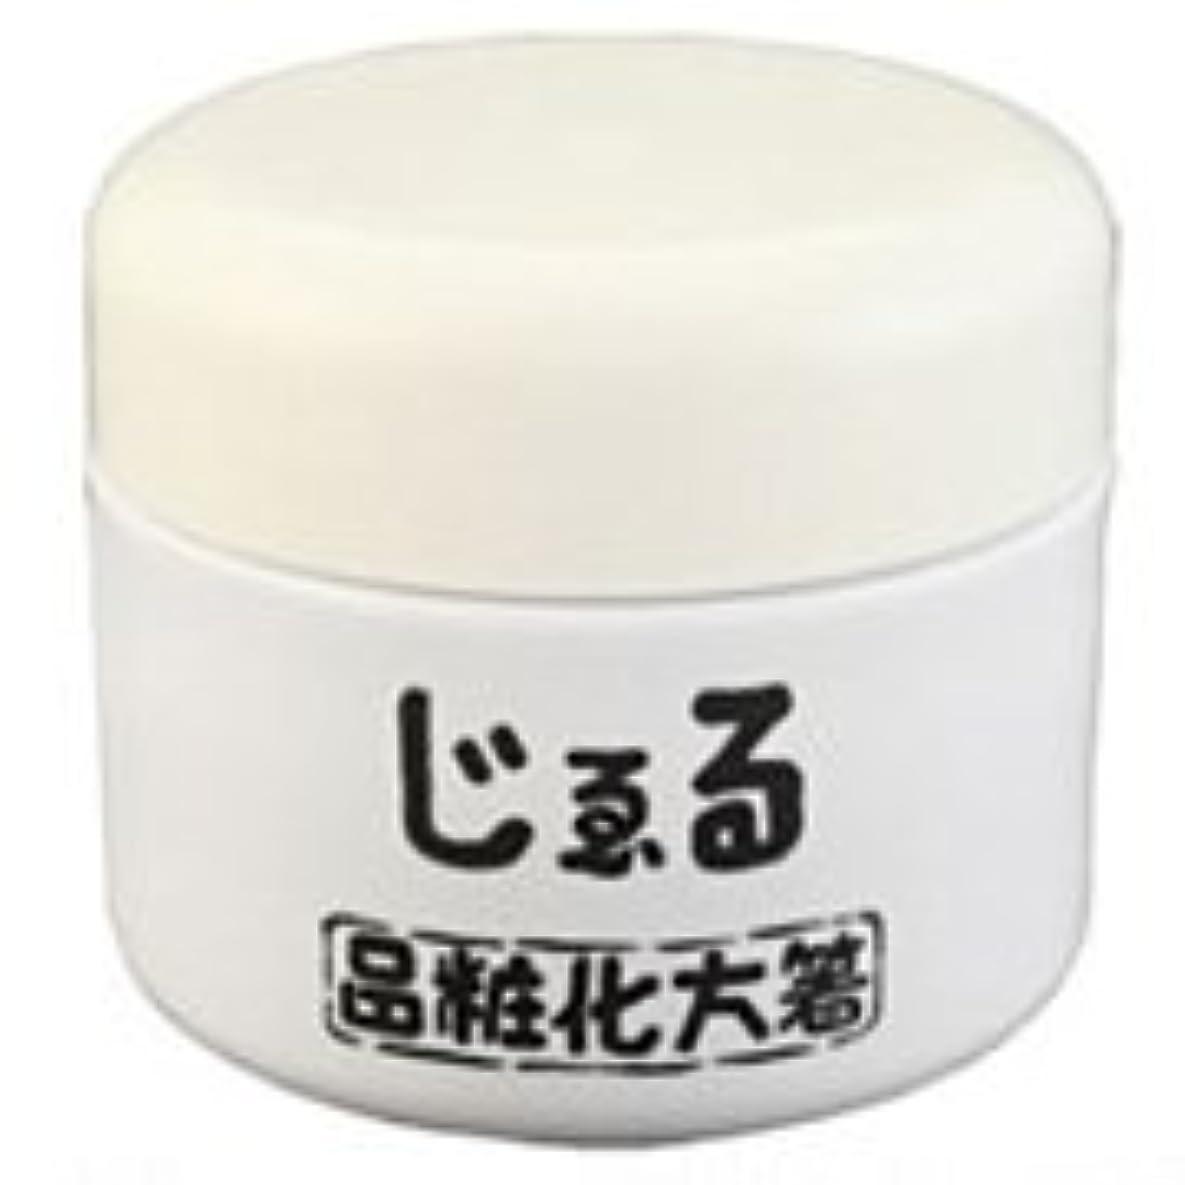 プレーヤー修羅場キャップ[箸方化粧品] じぇる 38g はしかた化粧品